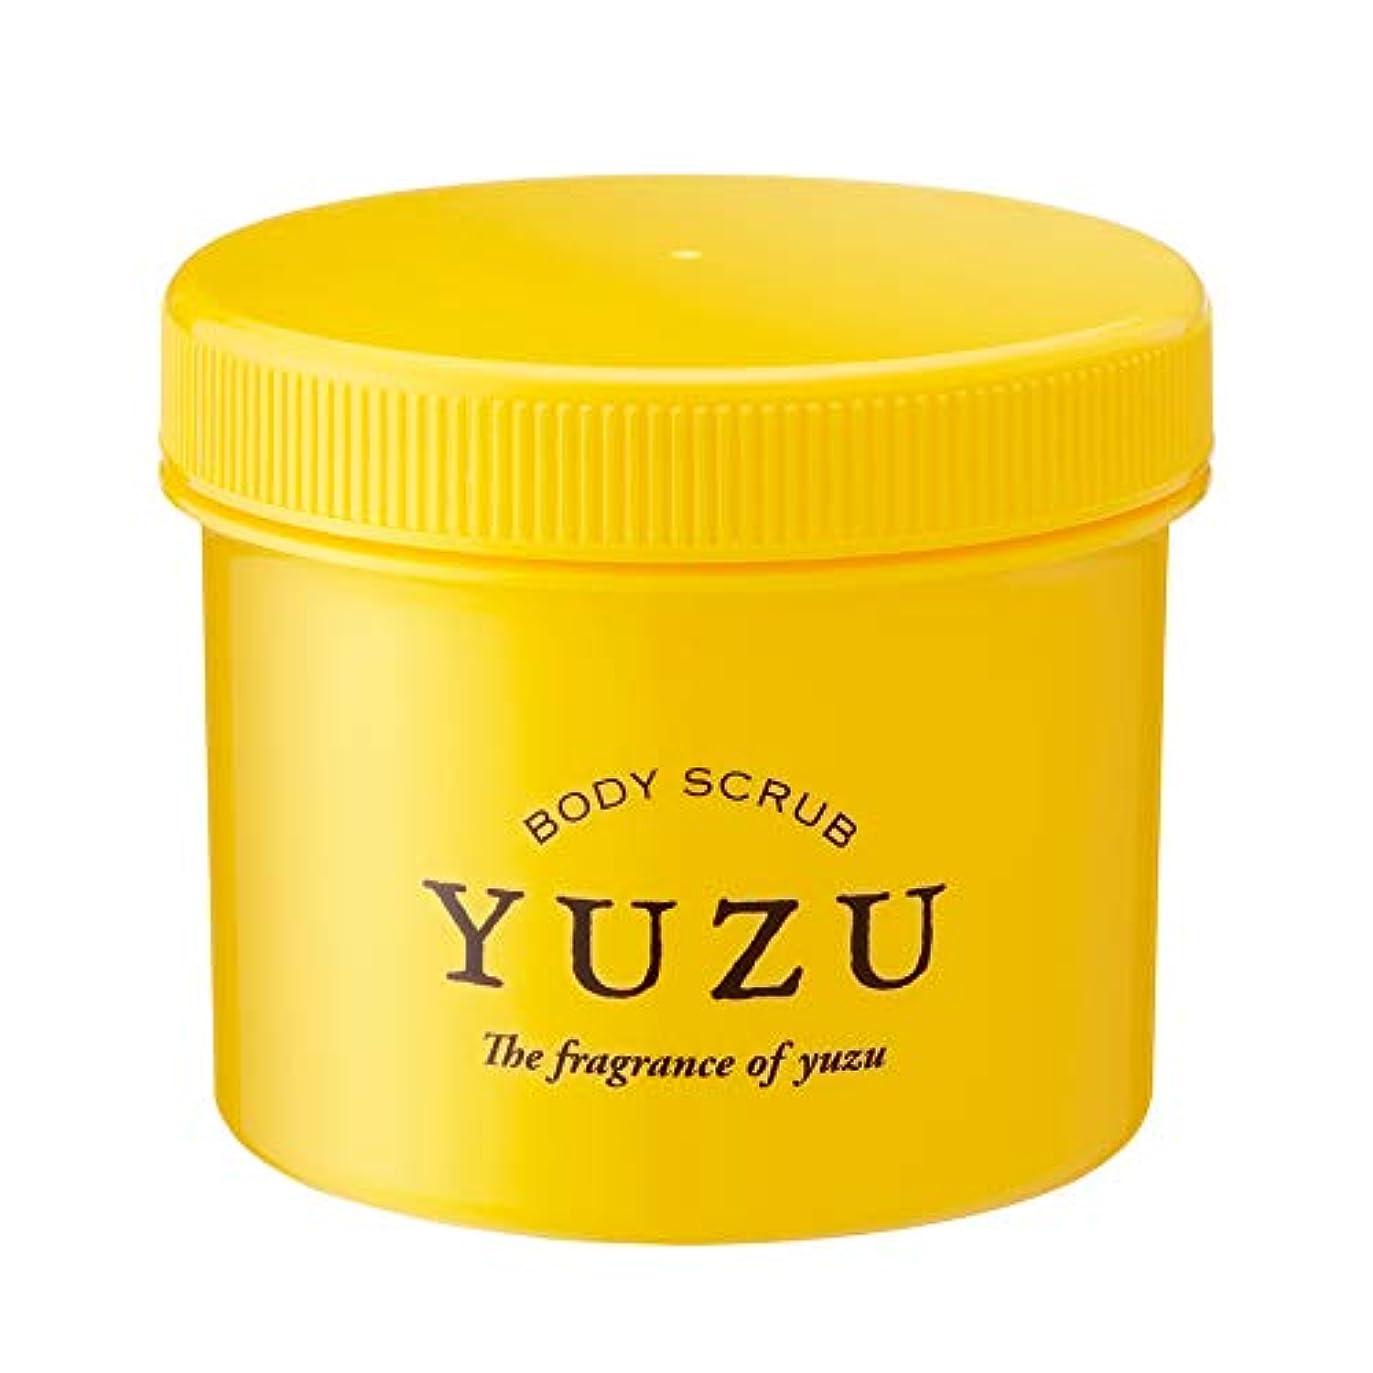 リットル自治的札入れ(美健)ビケン YUZU ボディマッサージスクラブ 高知県ゆず精油のみで香り付け